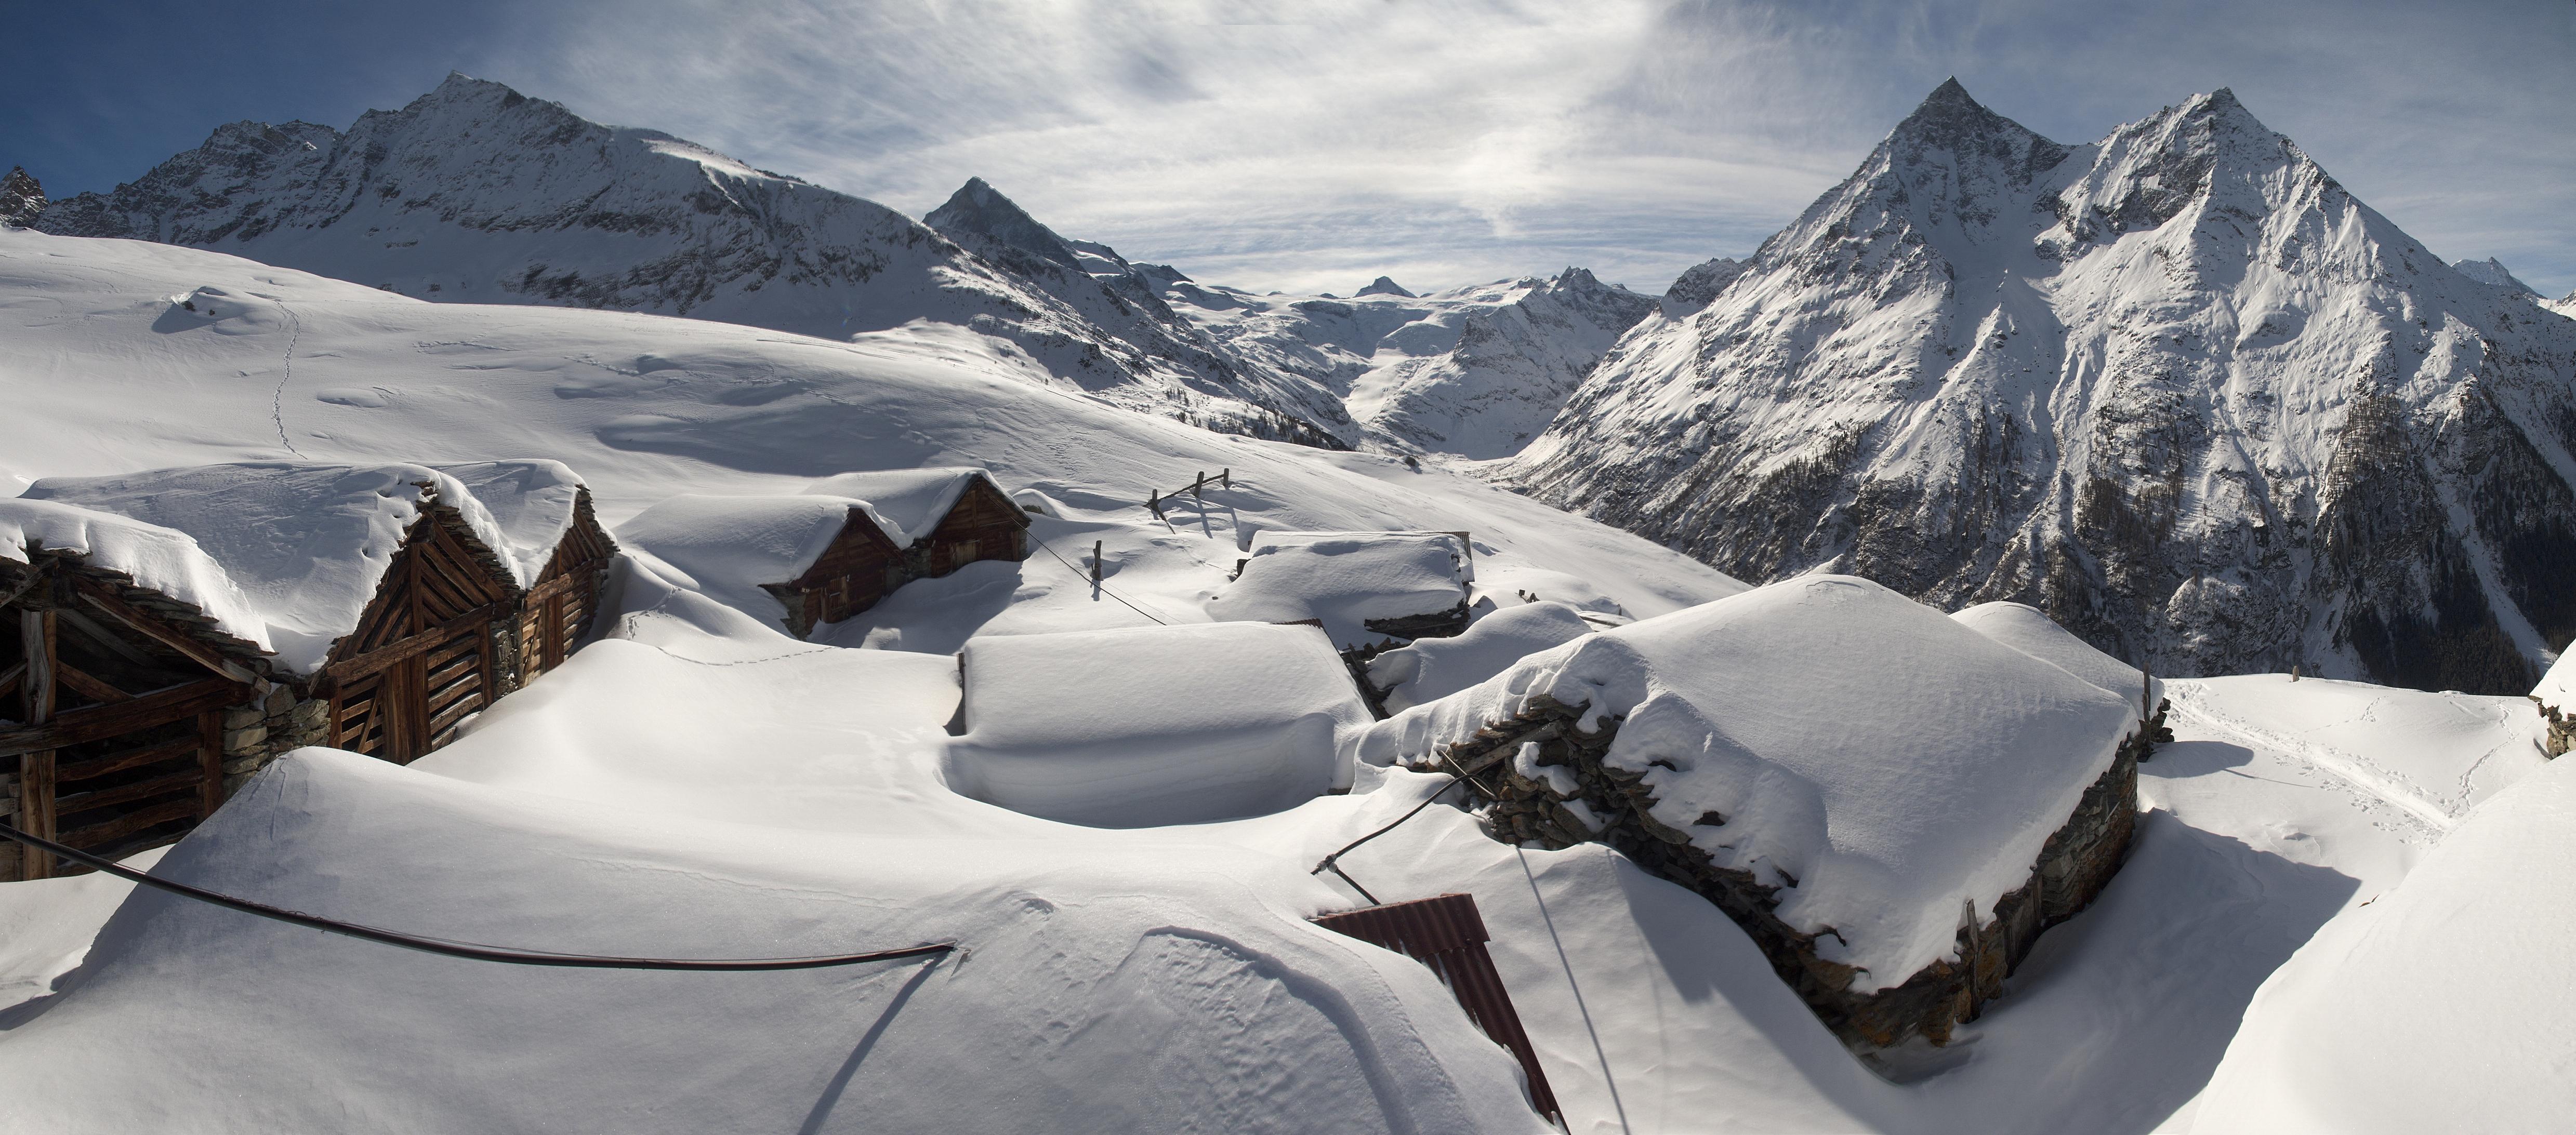 Sites féeriques en Suisse romande: mayens de Bréona